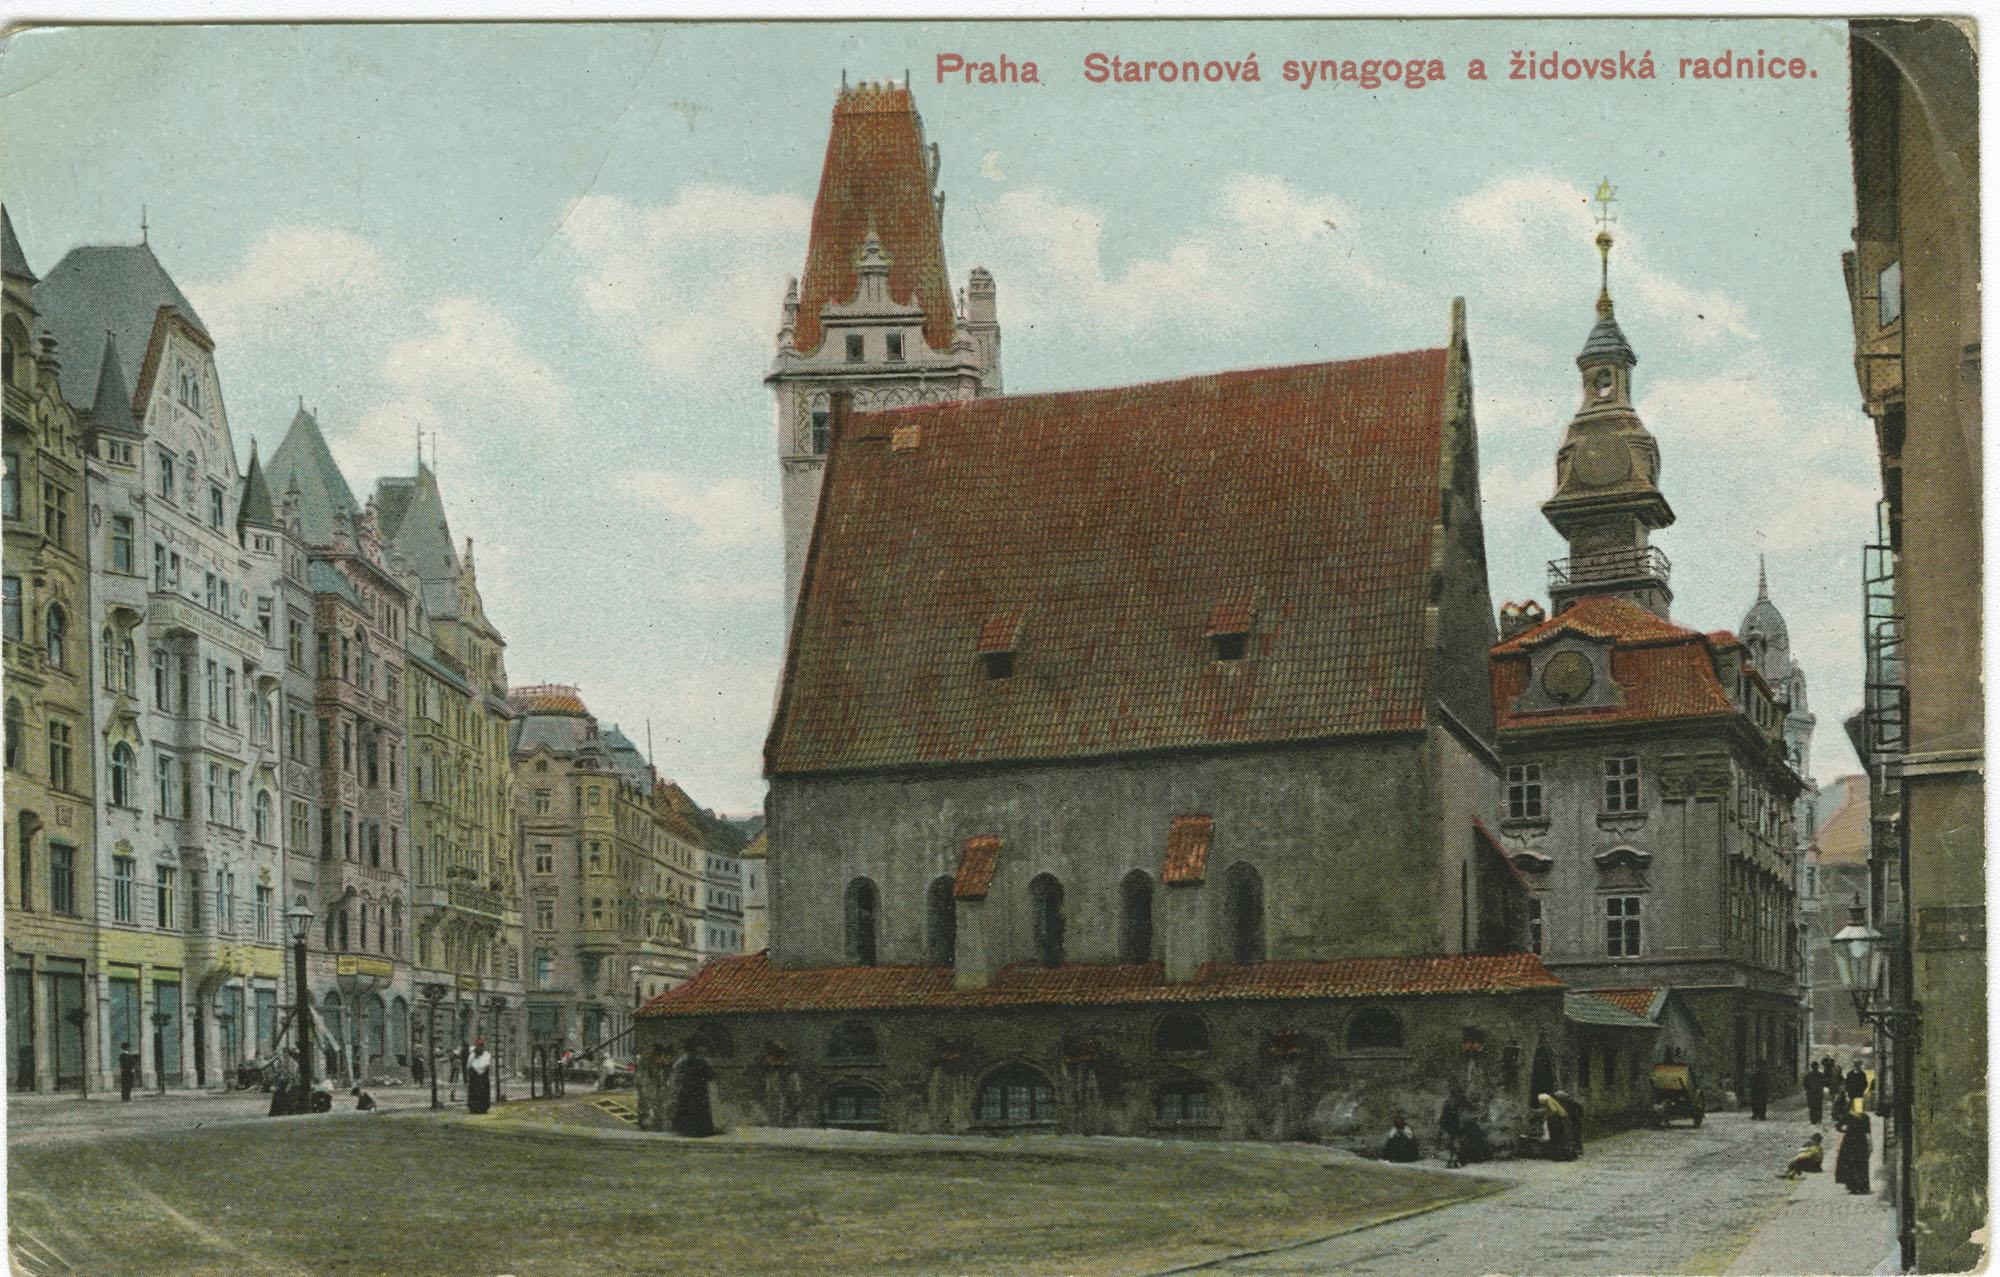 Praha. Staronová synagoga a židovská radnice.